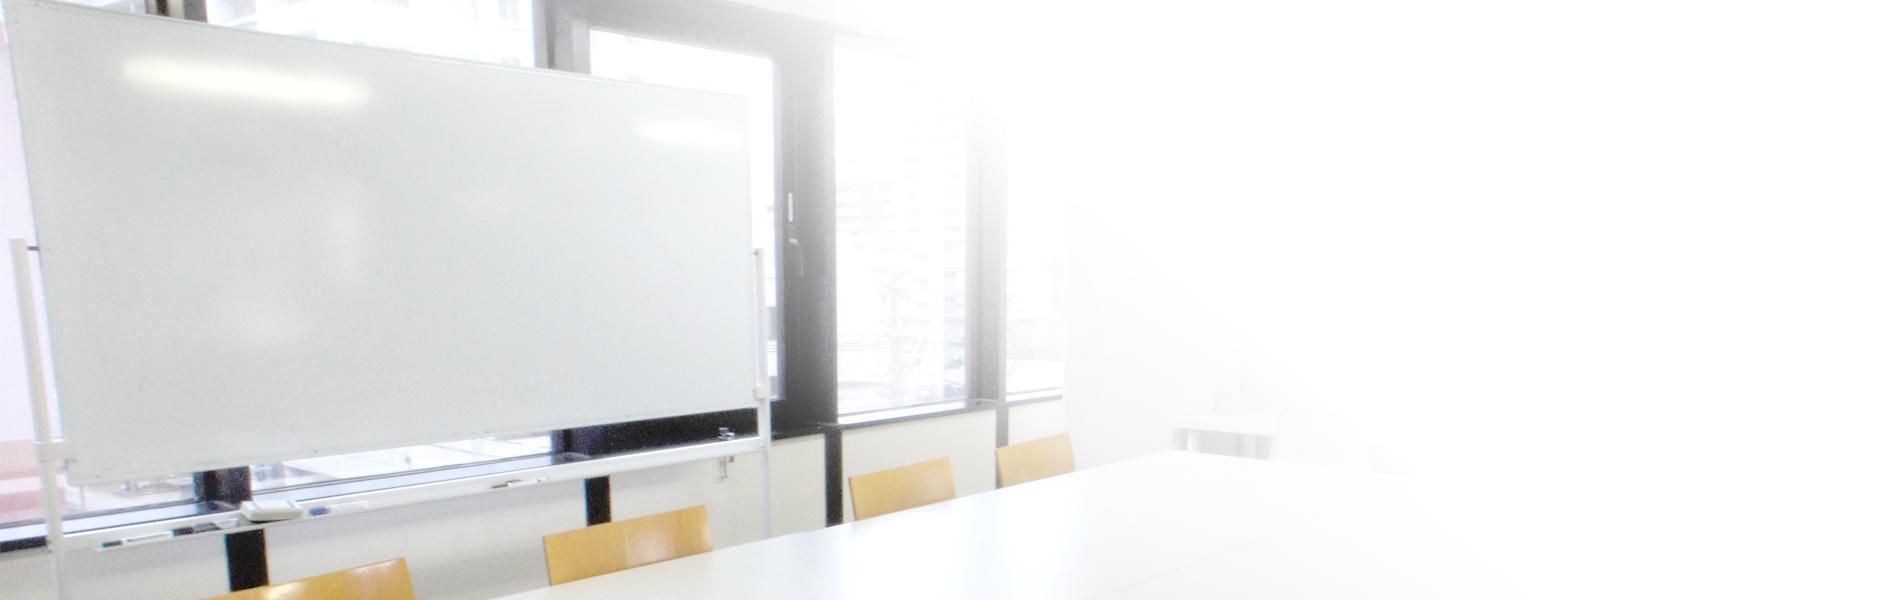 生活訓練・就労移行支援施設 アミークスカレッジ仙台